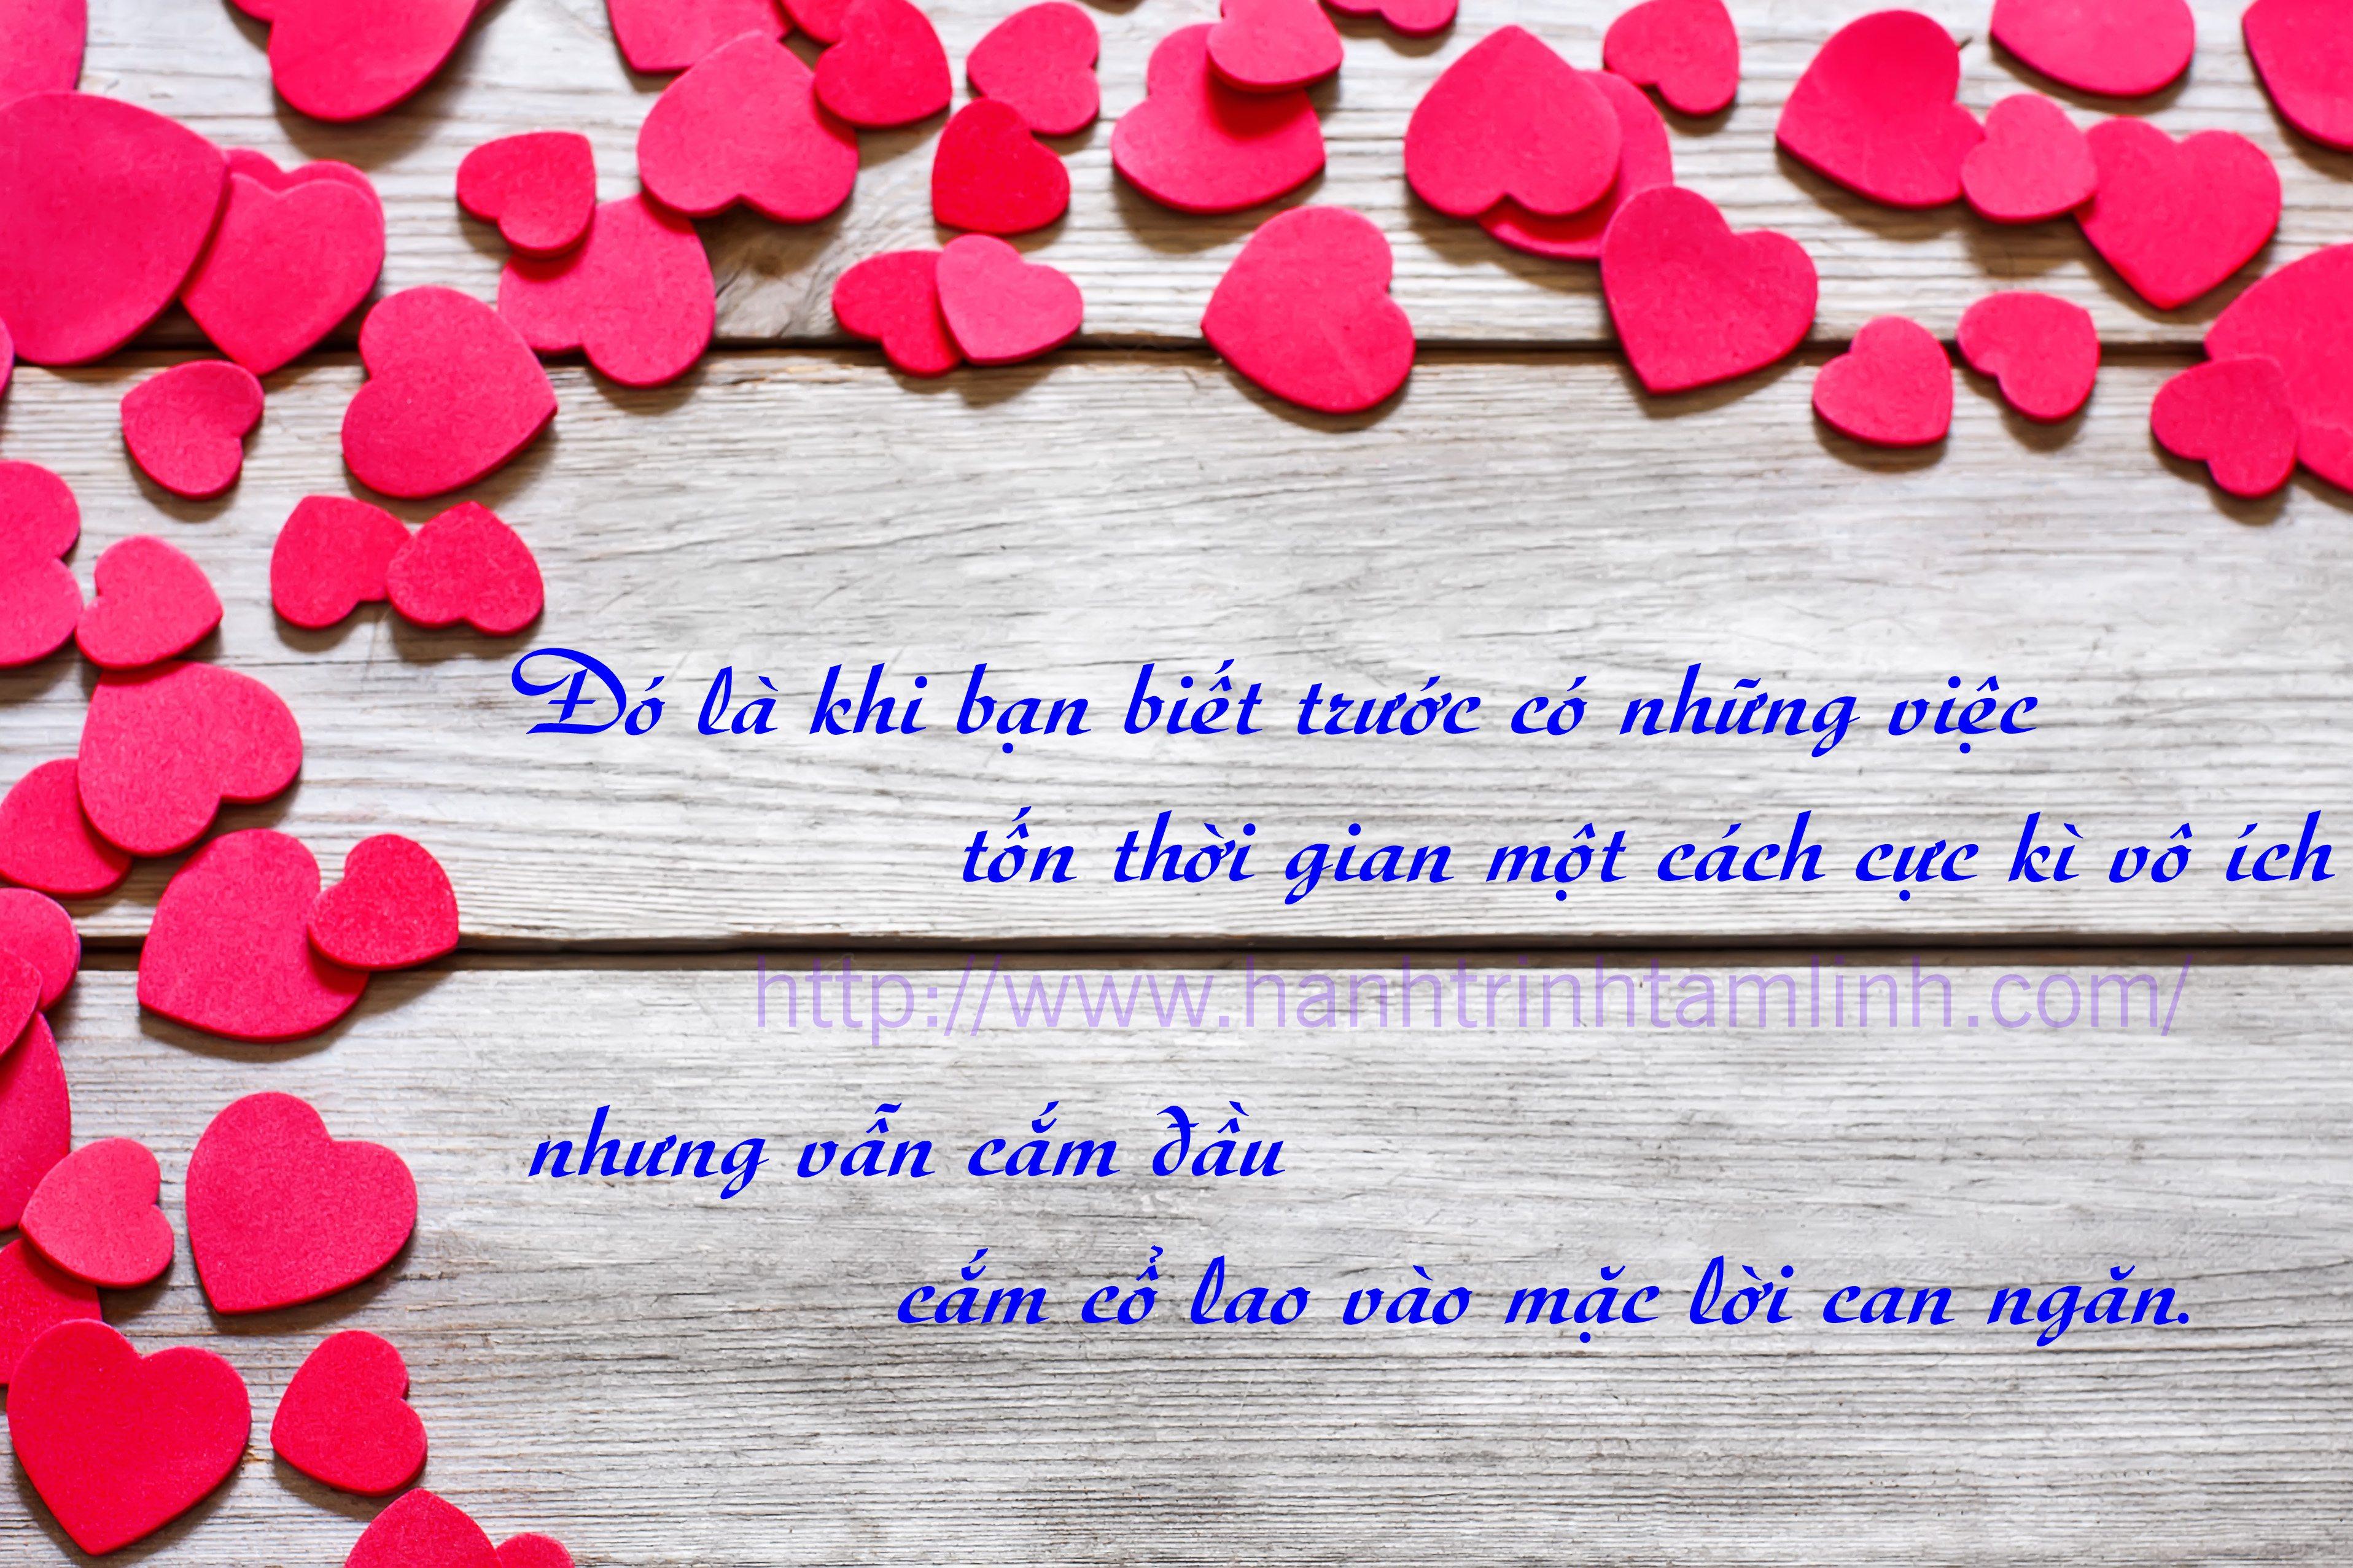 Tình yêu là gì vậy mọi người